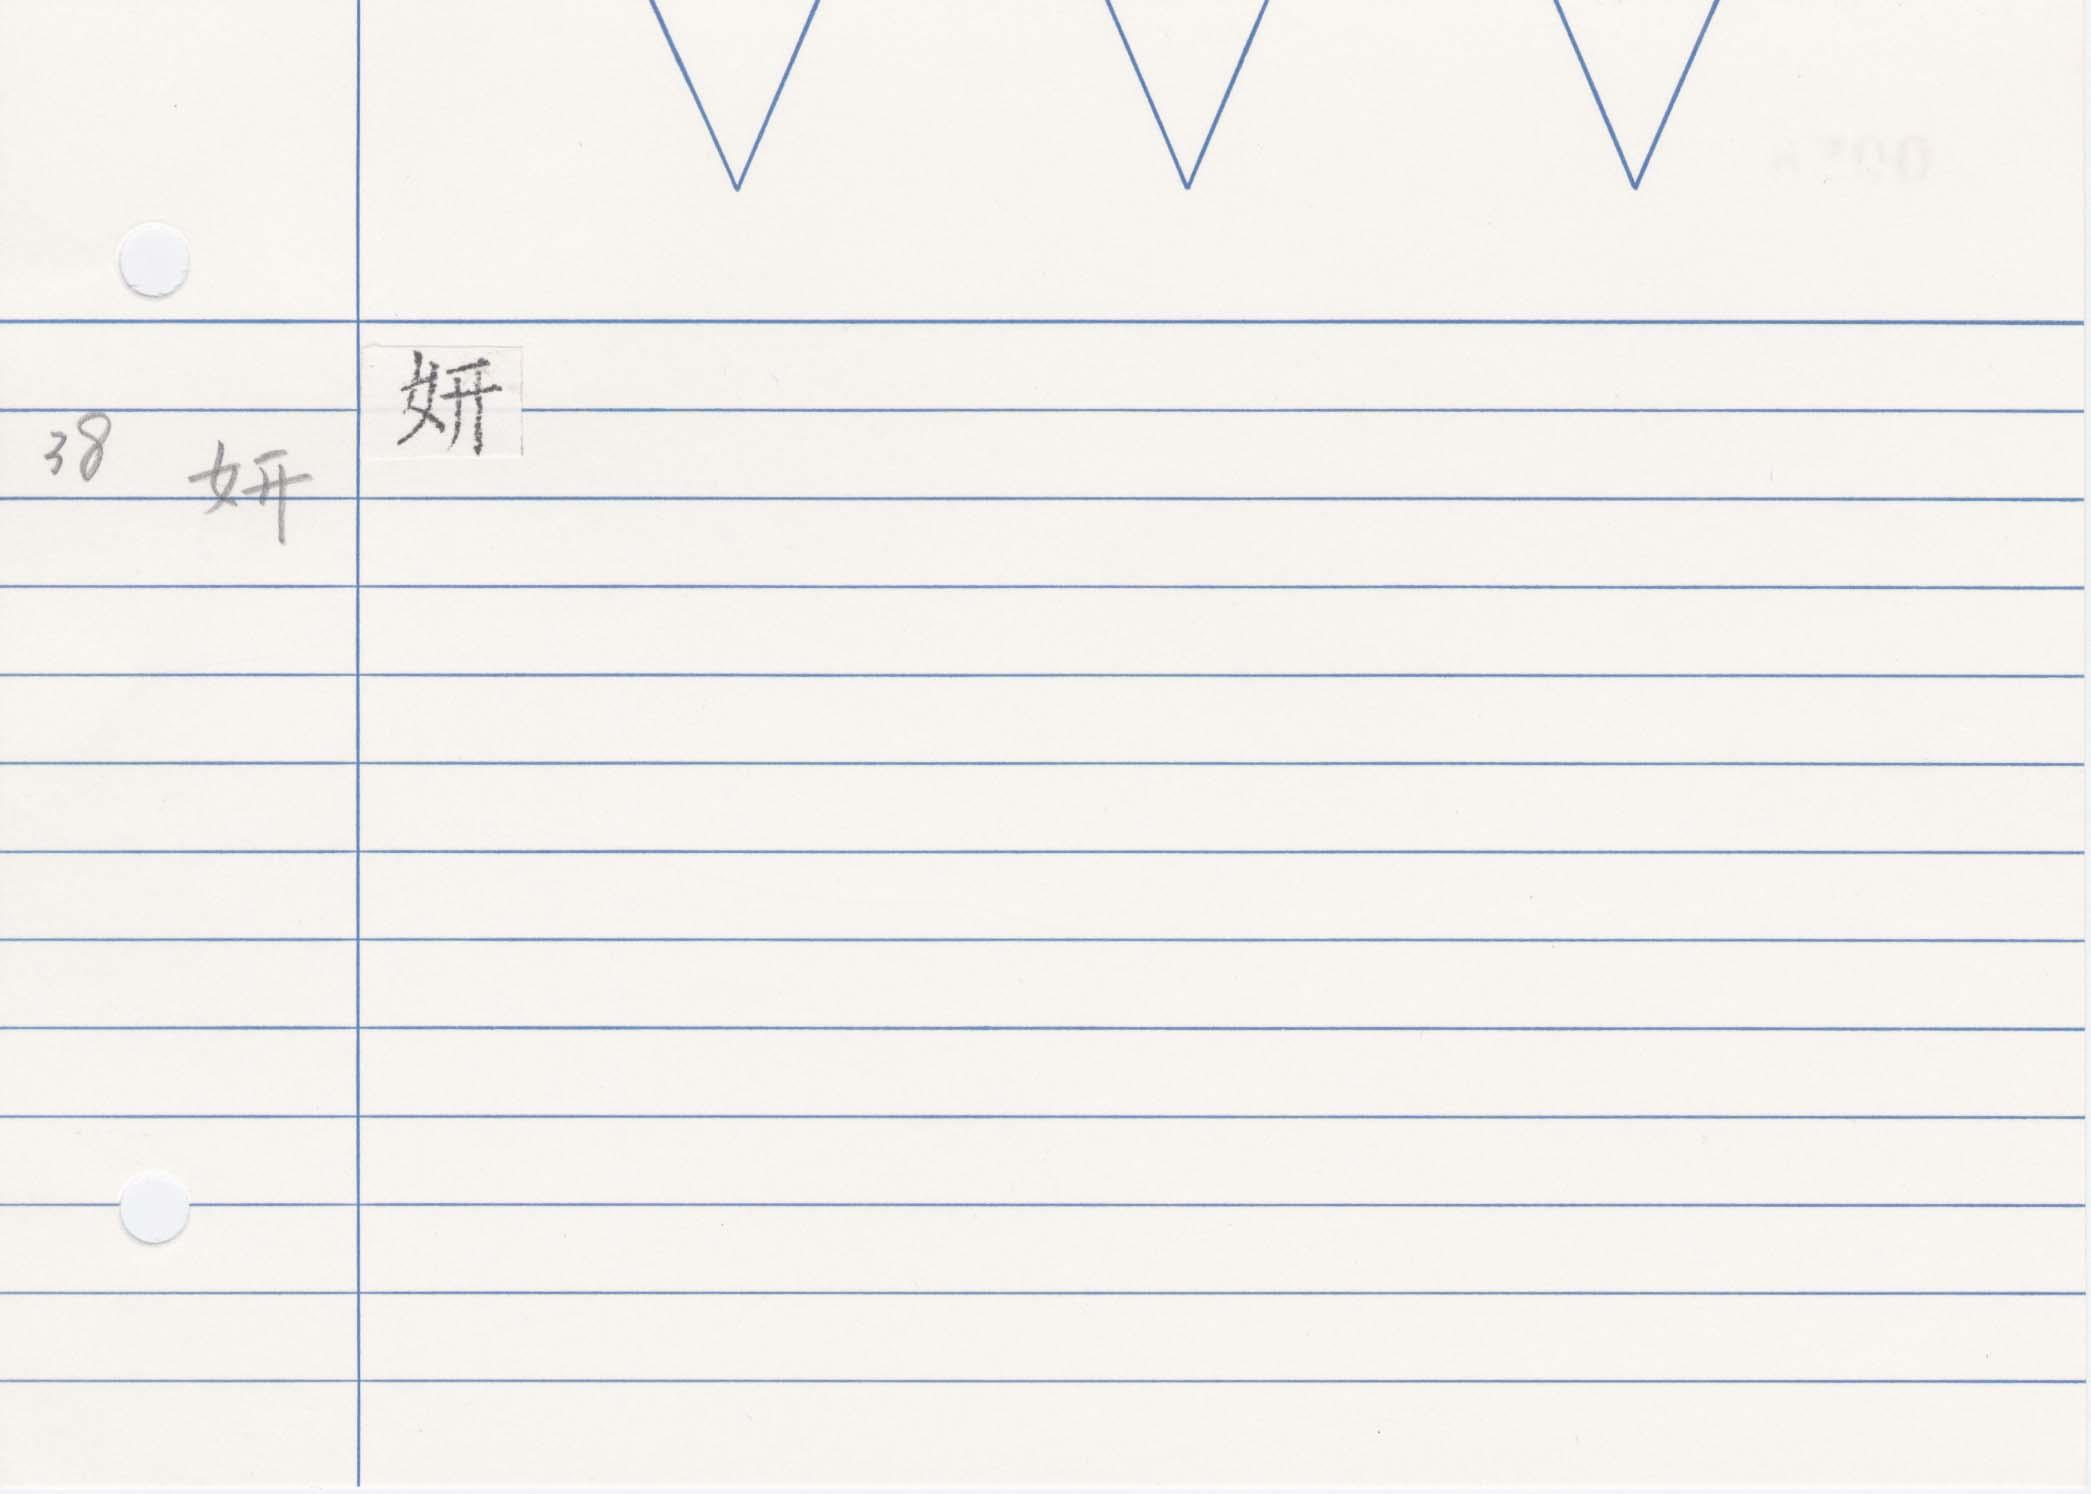 26_齊民要術卷五(高山寺本)/cards/0058.jpg